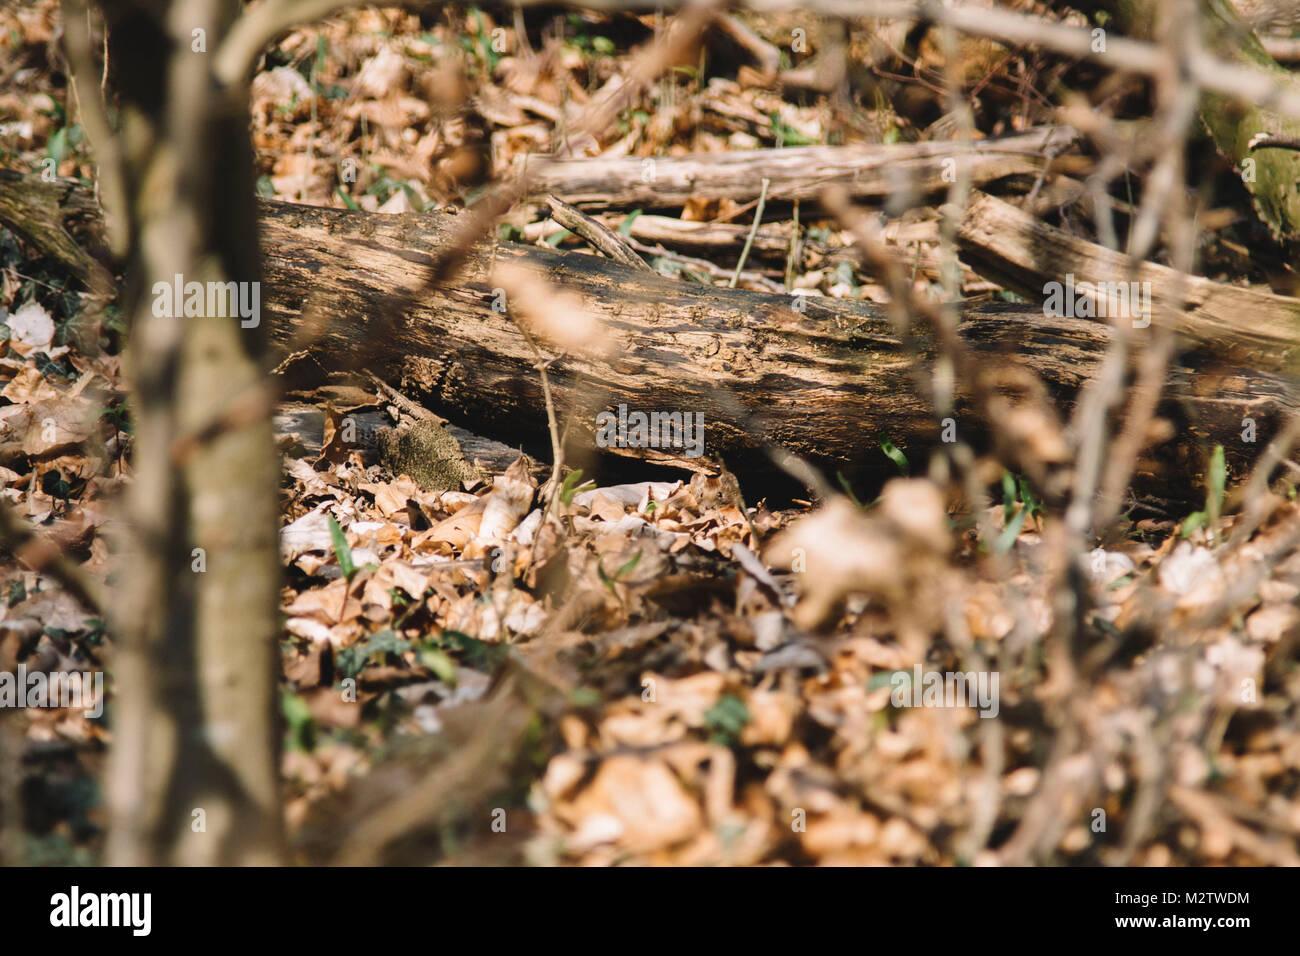 Kleine Maus versteckt sich im Wald zwischen trockenem Laub. Stockbild